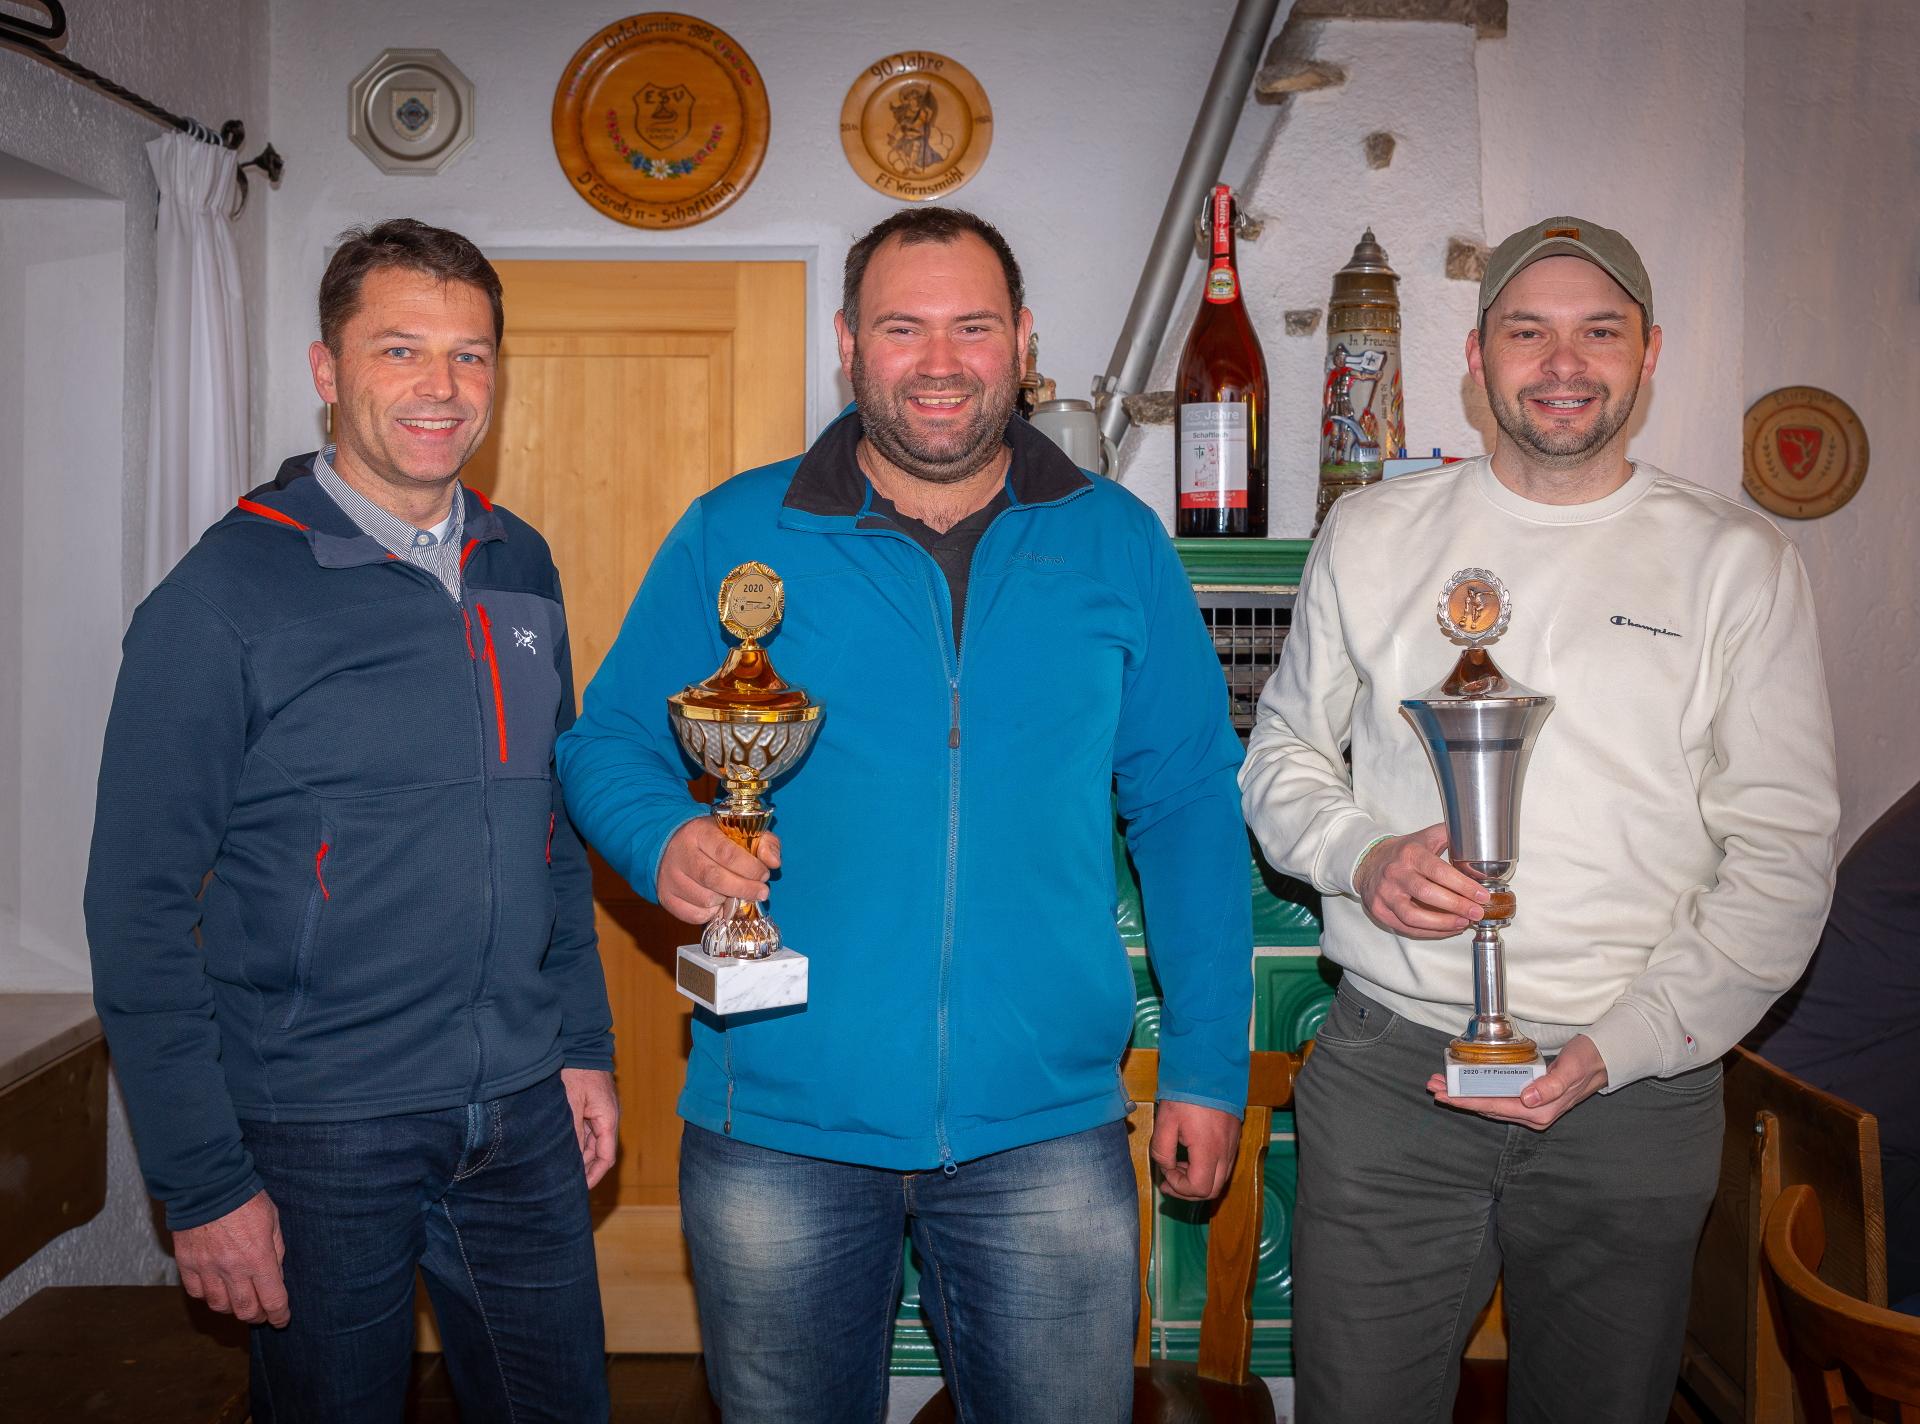 Tischkegelturnier 2020: Herrensieger Jakob Eiler (mitte) sowie Xare Manhart (rechts) als Vertreter von Mannschaftssieger Feuerwehr Piesenkam